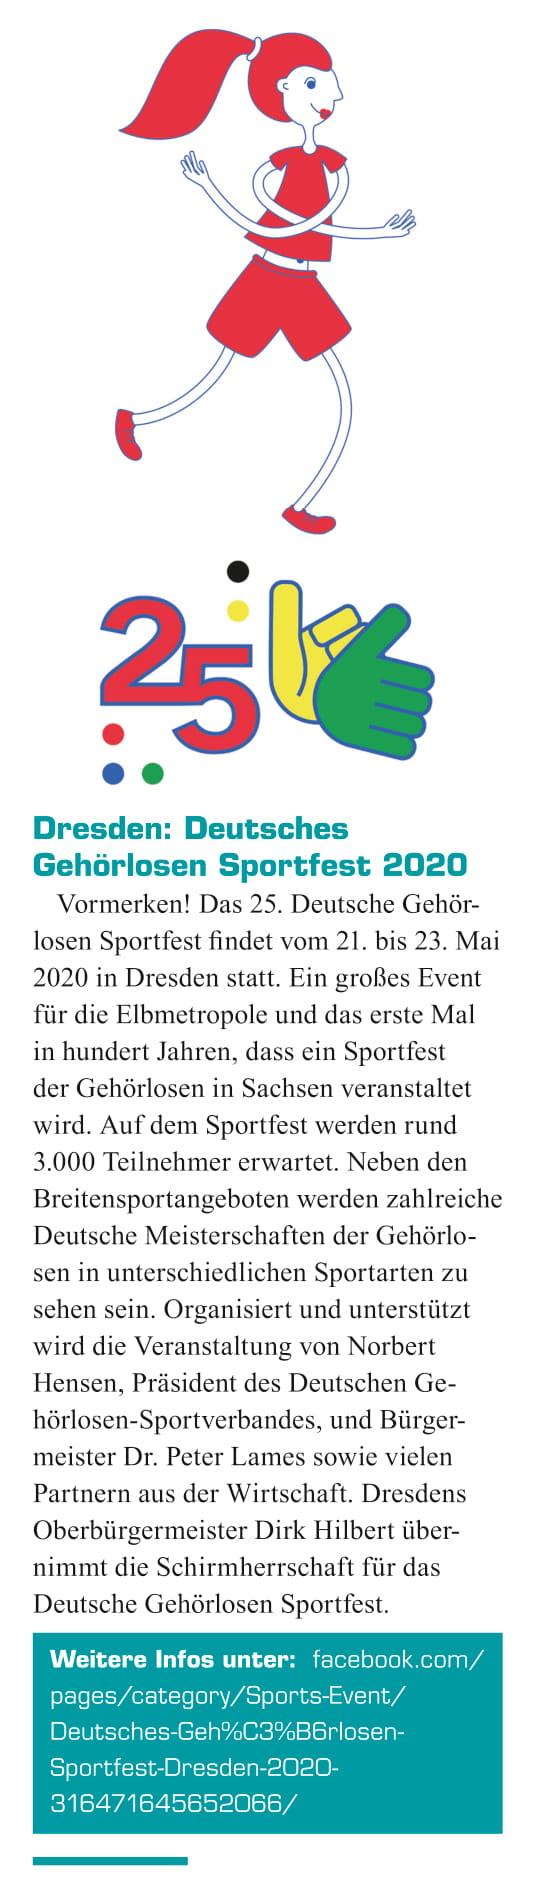 25_deutsches_gehoerlosensportfest_2020_news_lifeinsight_2